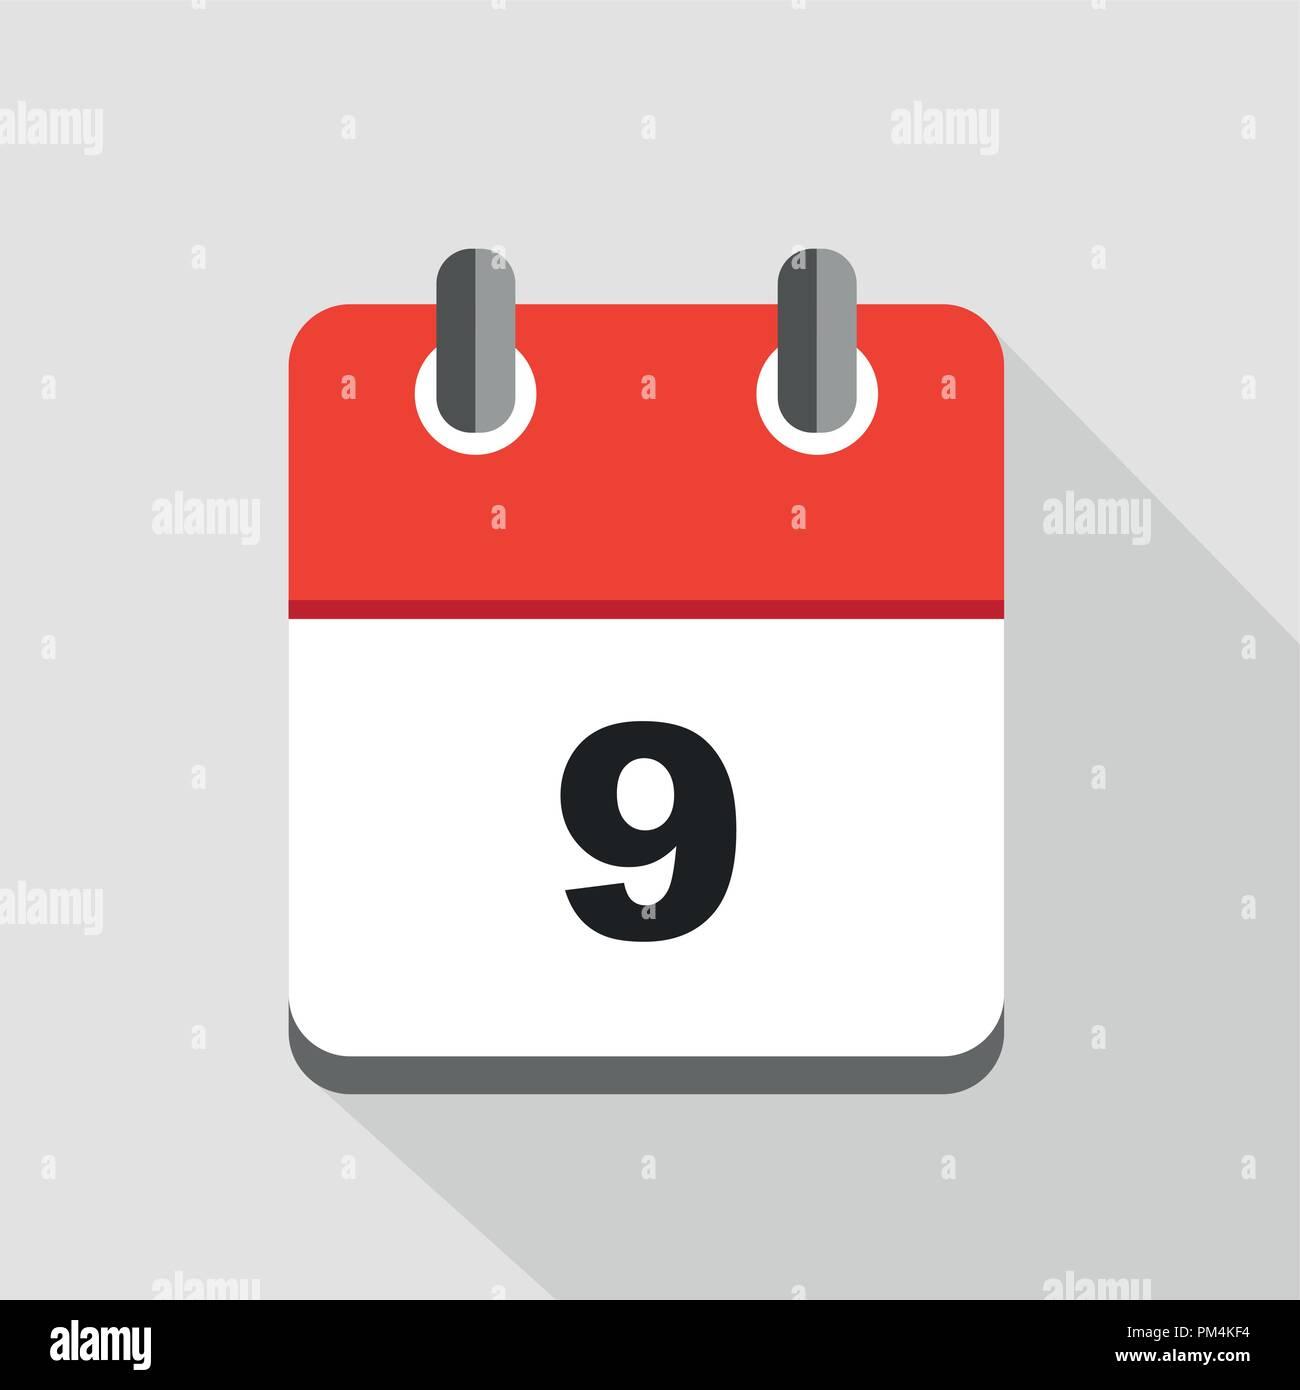 Calendario Icona.Illustrazione Vettoriale Di Rosso Calendario Icona 9 Eps10